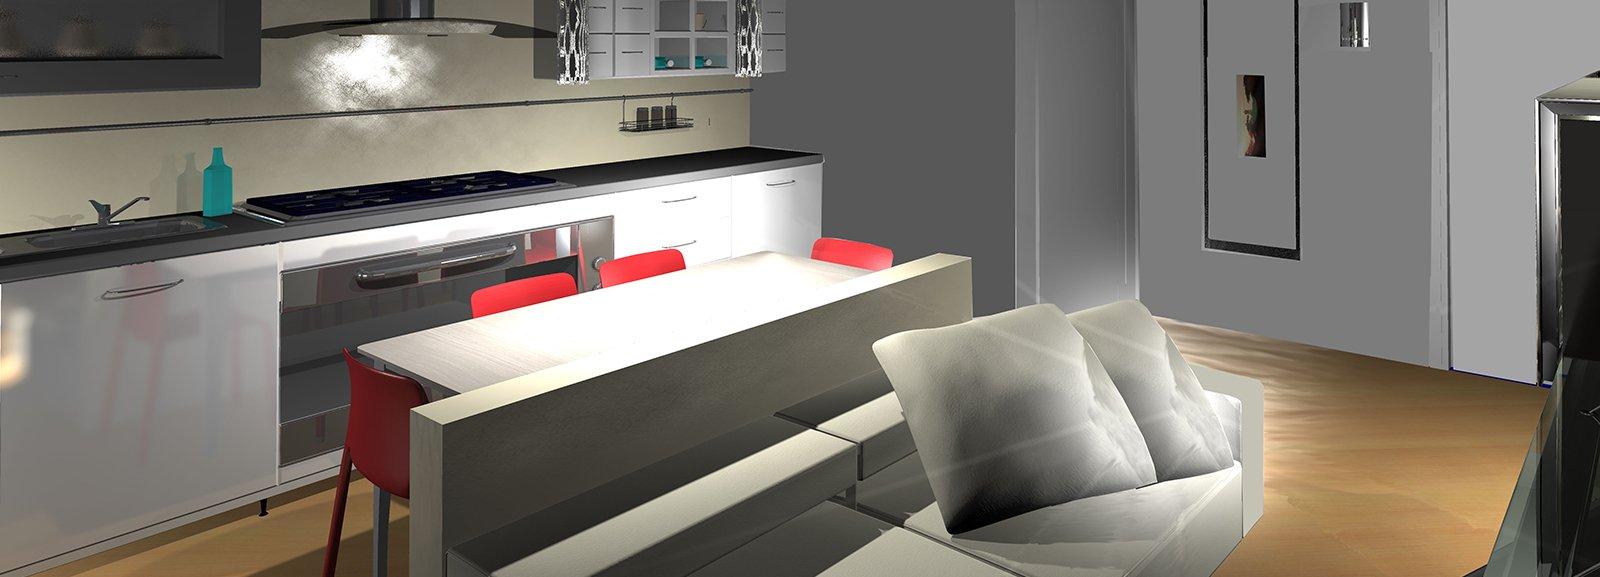 Dall 39 ingresso un living con cucina pianta e prospetti in for Foto di cucina e soggiorno a pianta aperta